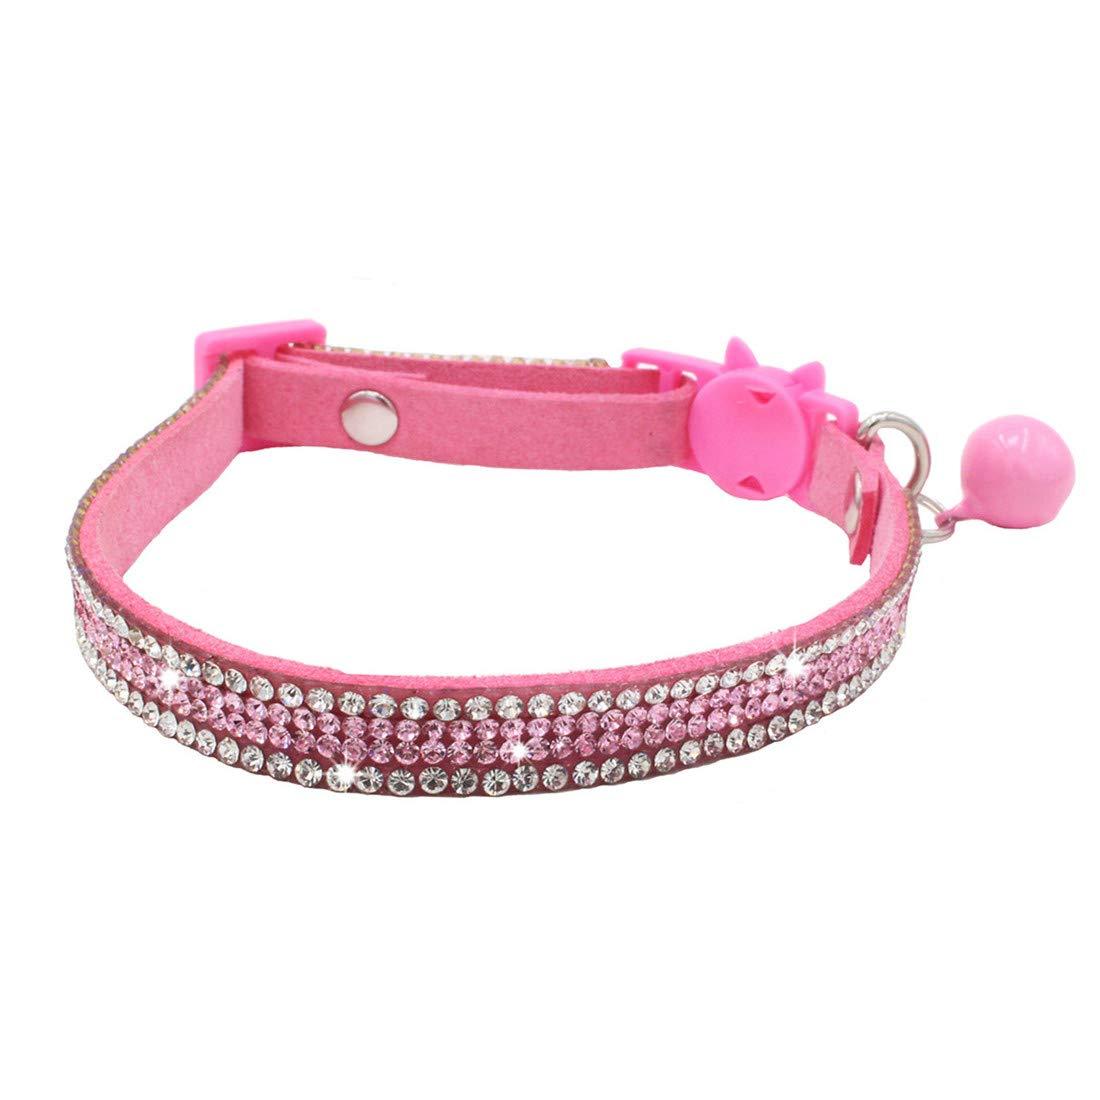 THAIN Basic Adjustable Cat Collar Bling Diamond Breakaway with Bell for Kitten Girl boy